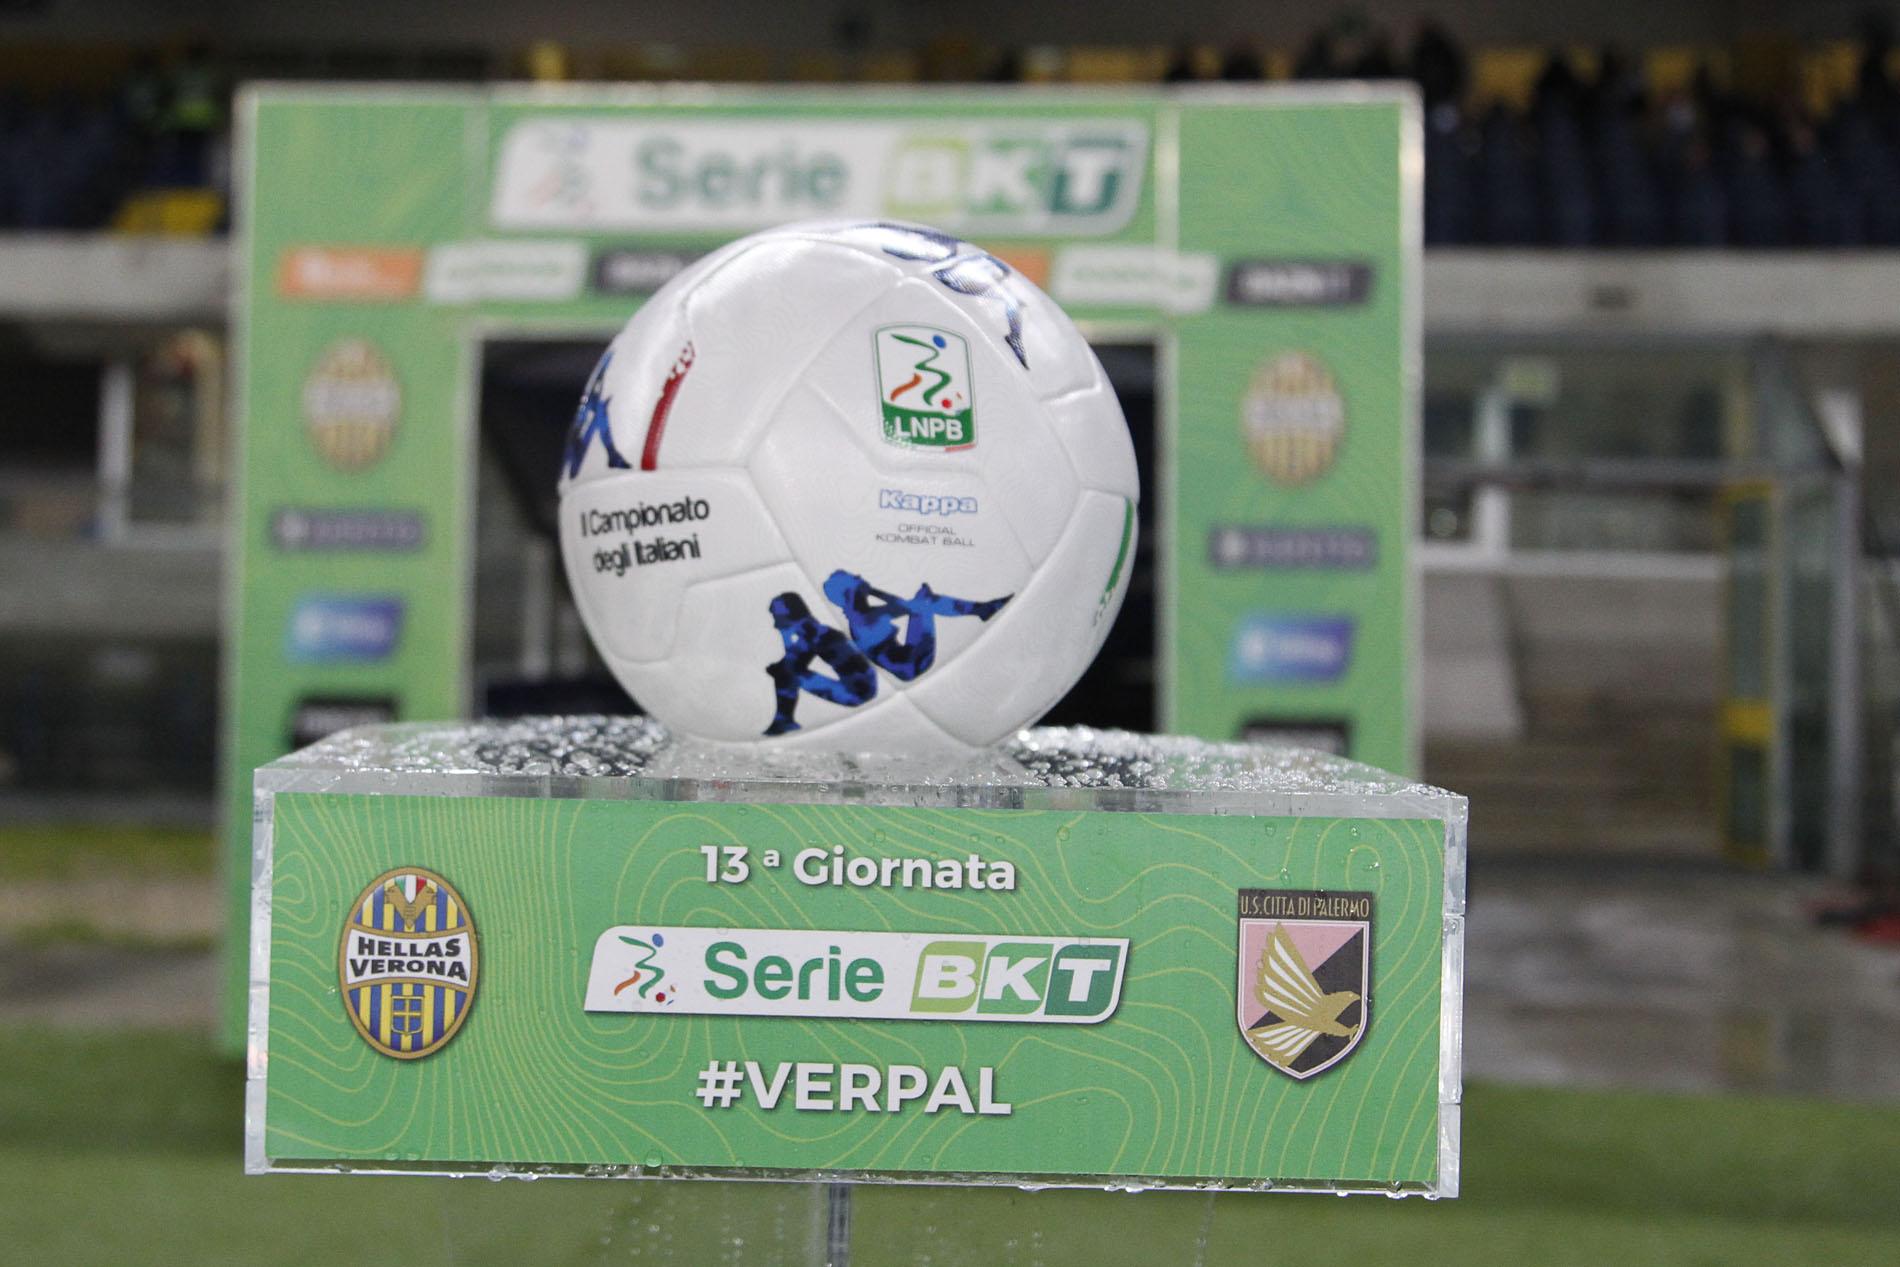 Palermo Calcio Calendario.Palermo Ecco Gli Anticipi E Posticipi Fino Alla 31ª